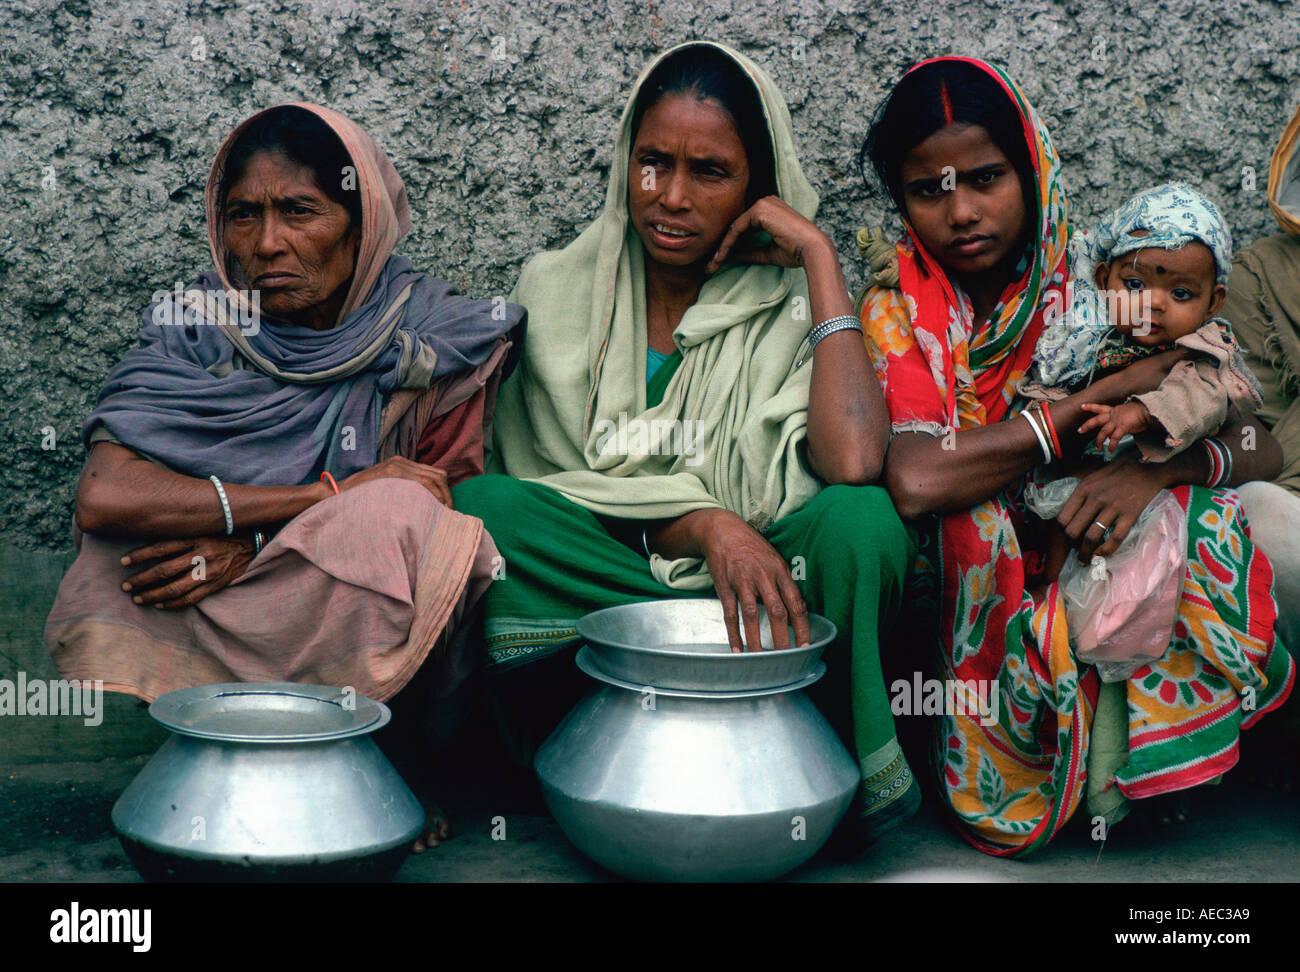 Frau Schlange für Lebensmittel an Mutter Teresas Mission in Kalkutta Indien Stockfoto